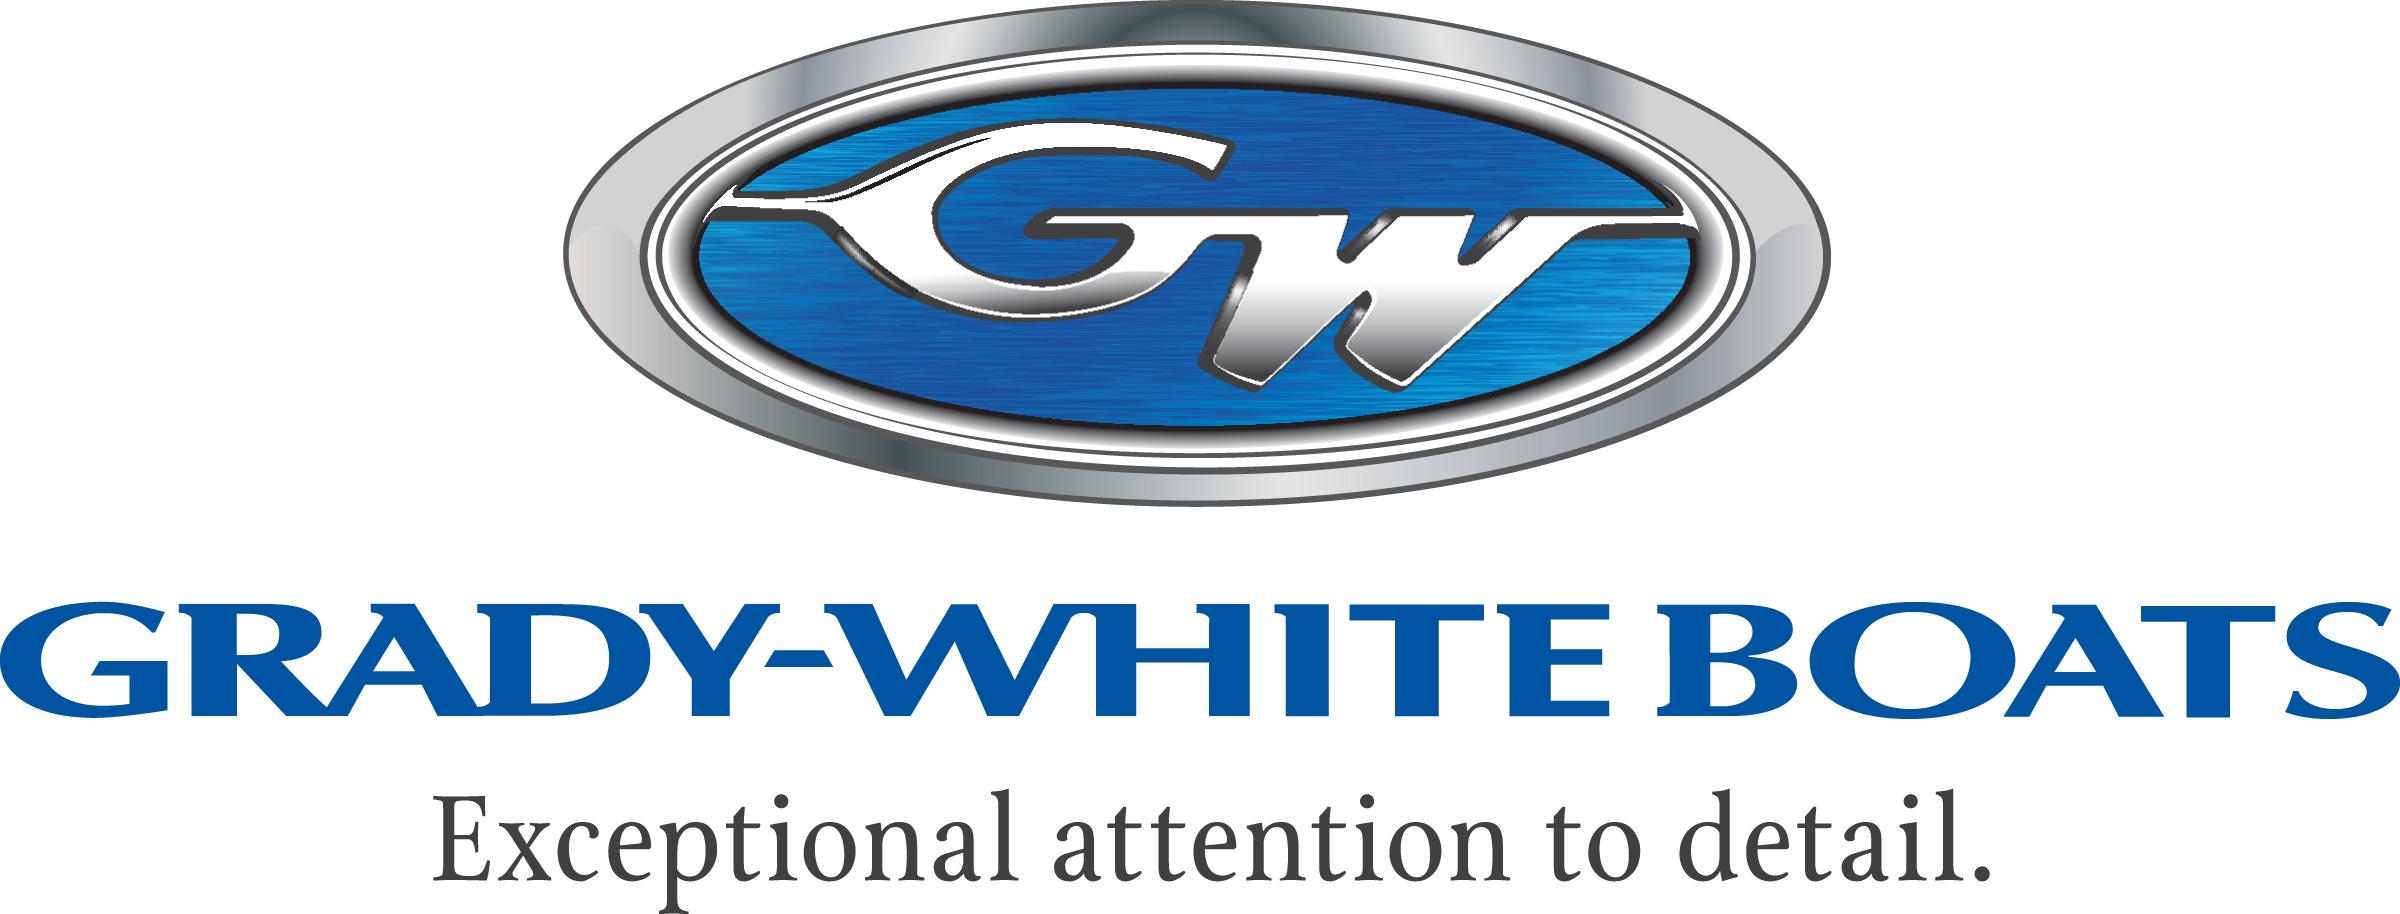 GWB_4c_bluelogotype_tag.jpg